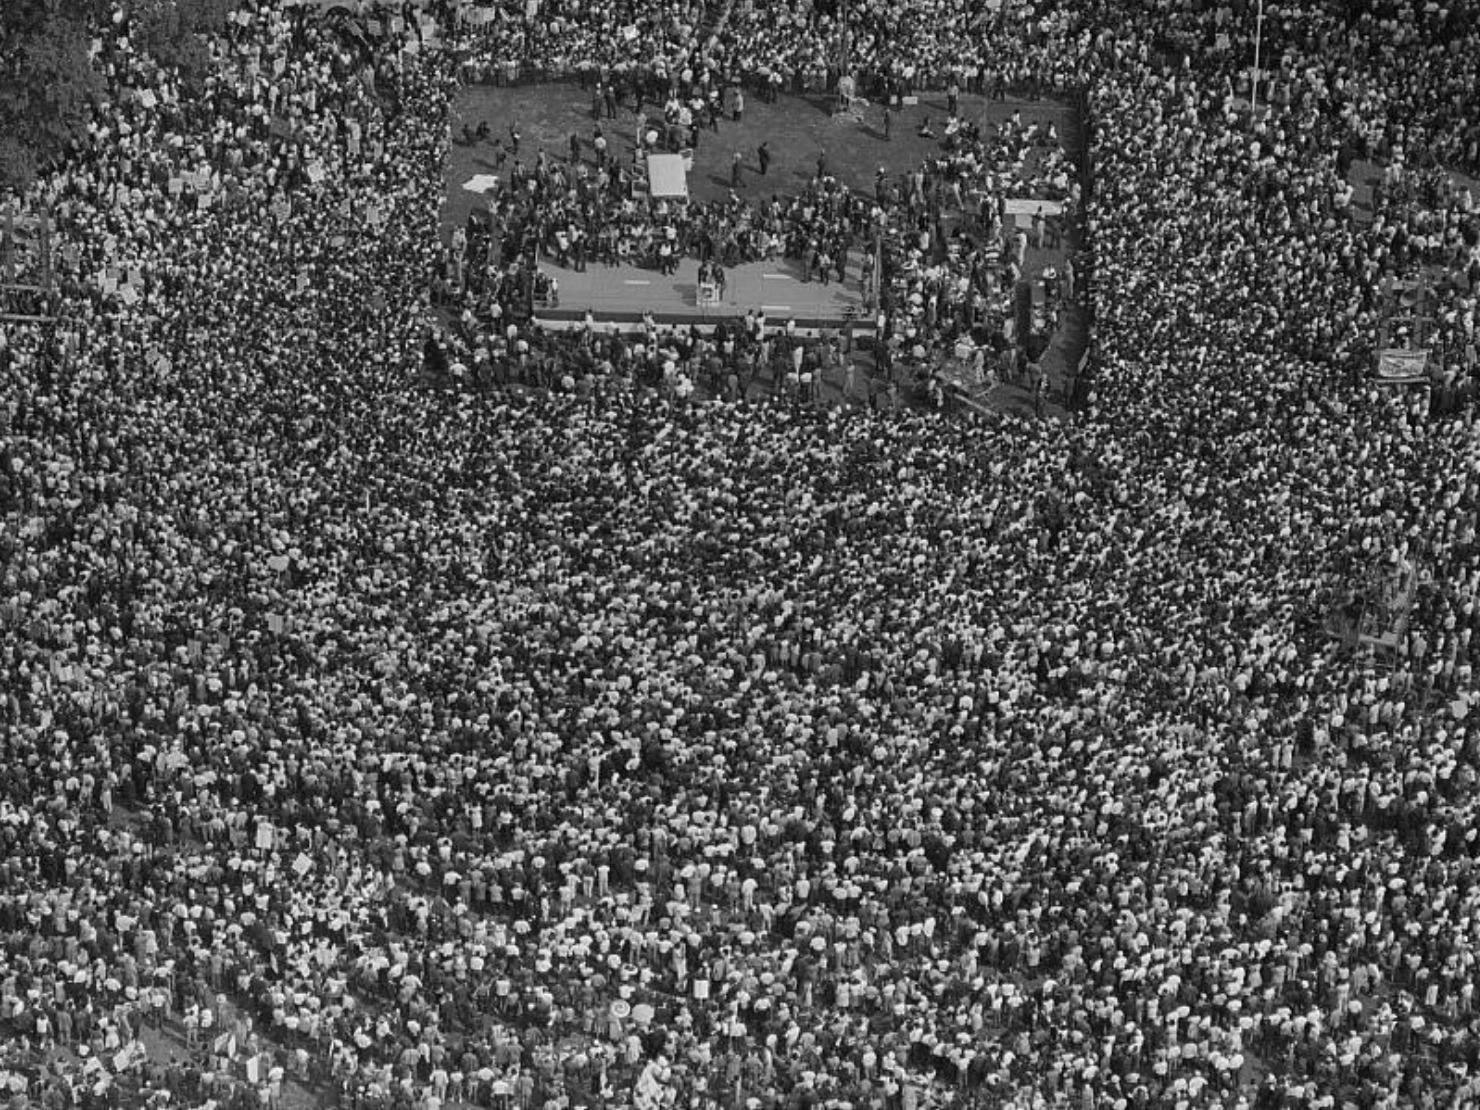 ワシントン大行進の大群衆の写真